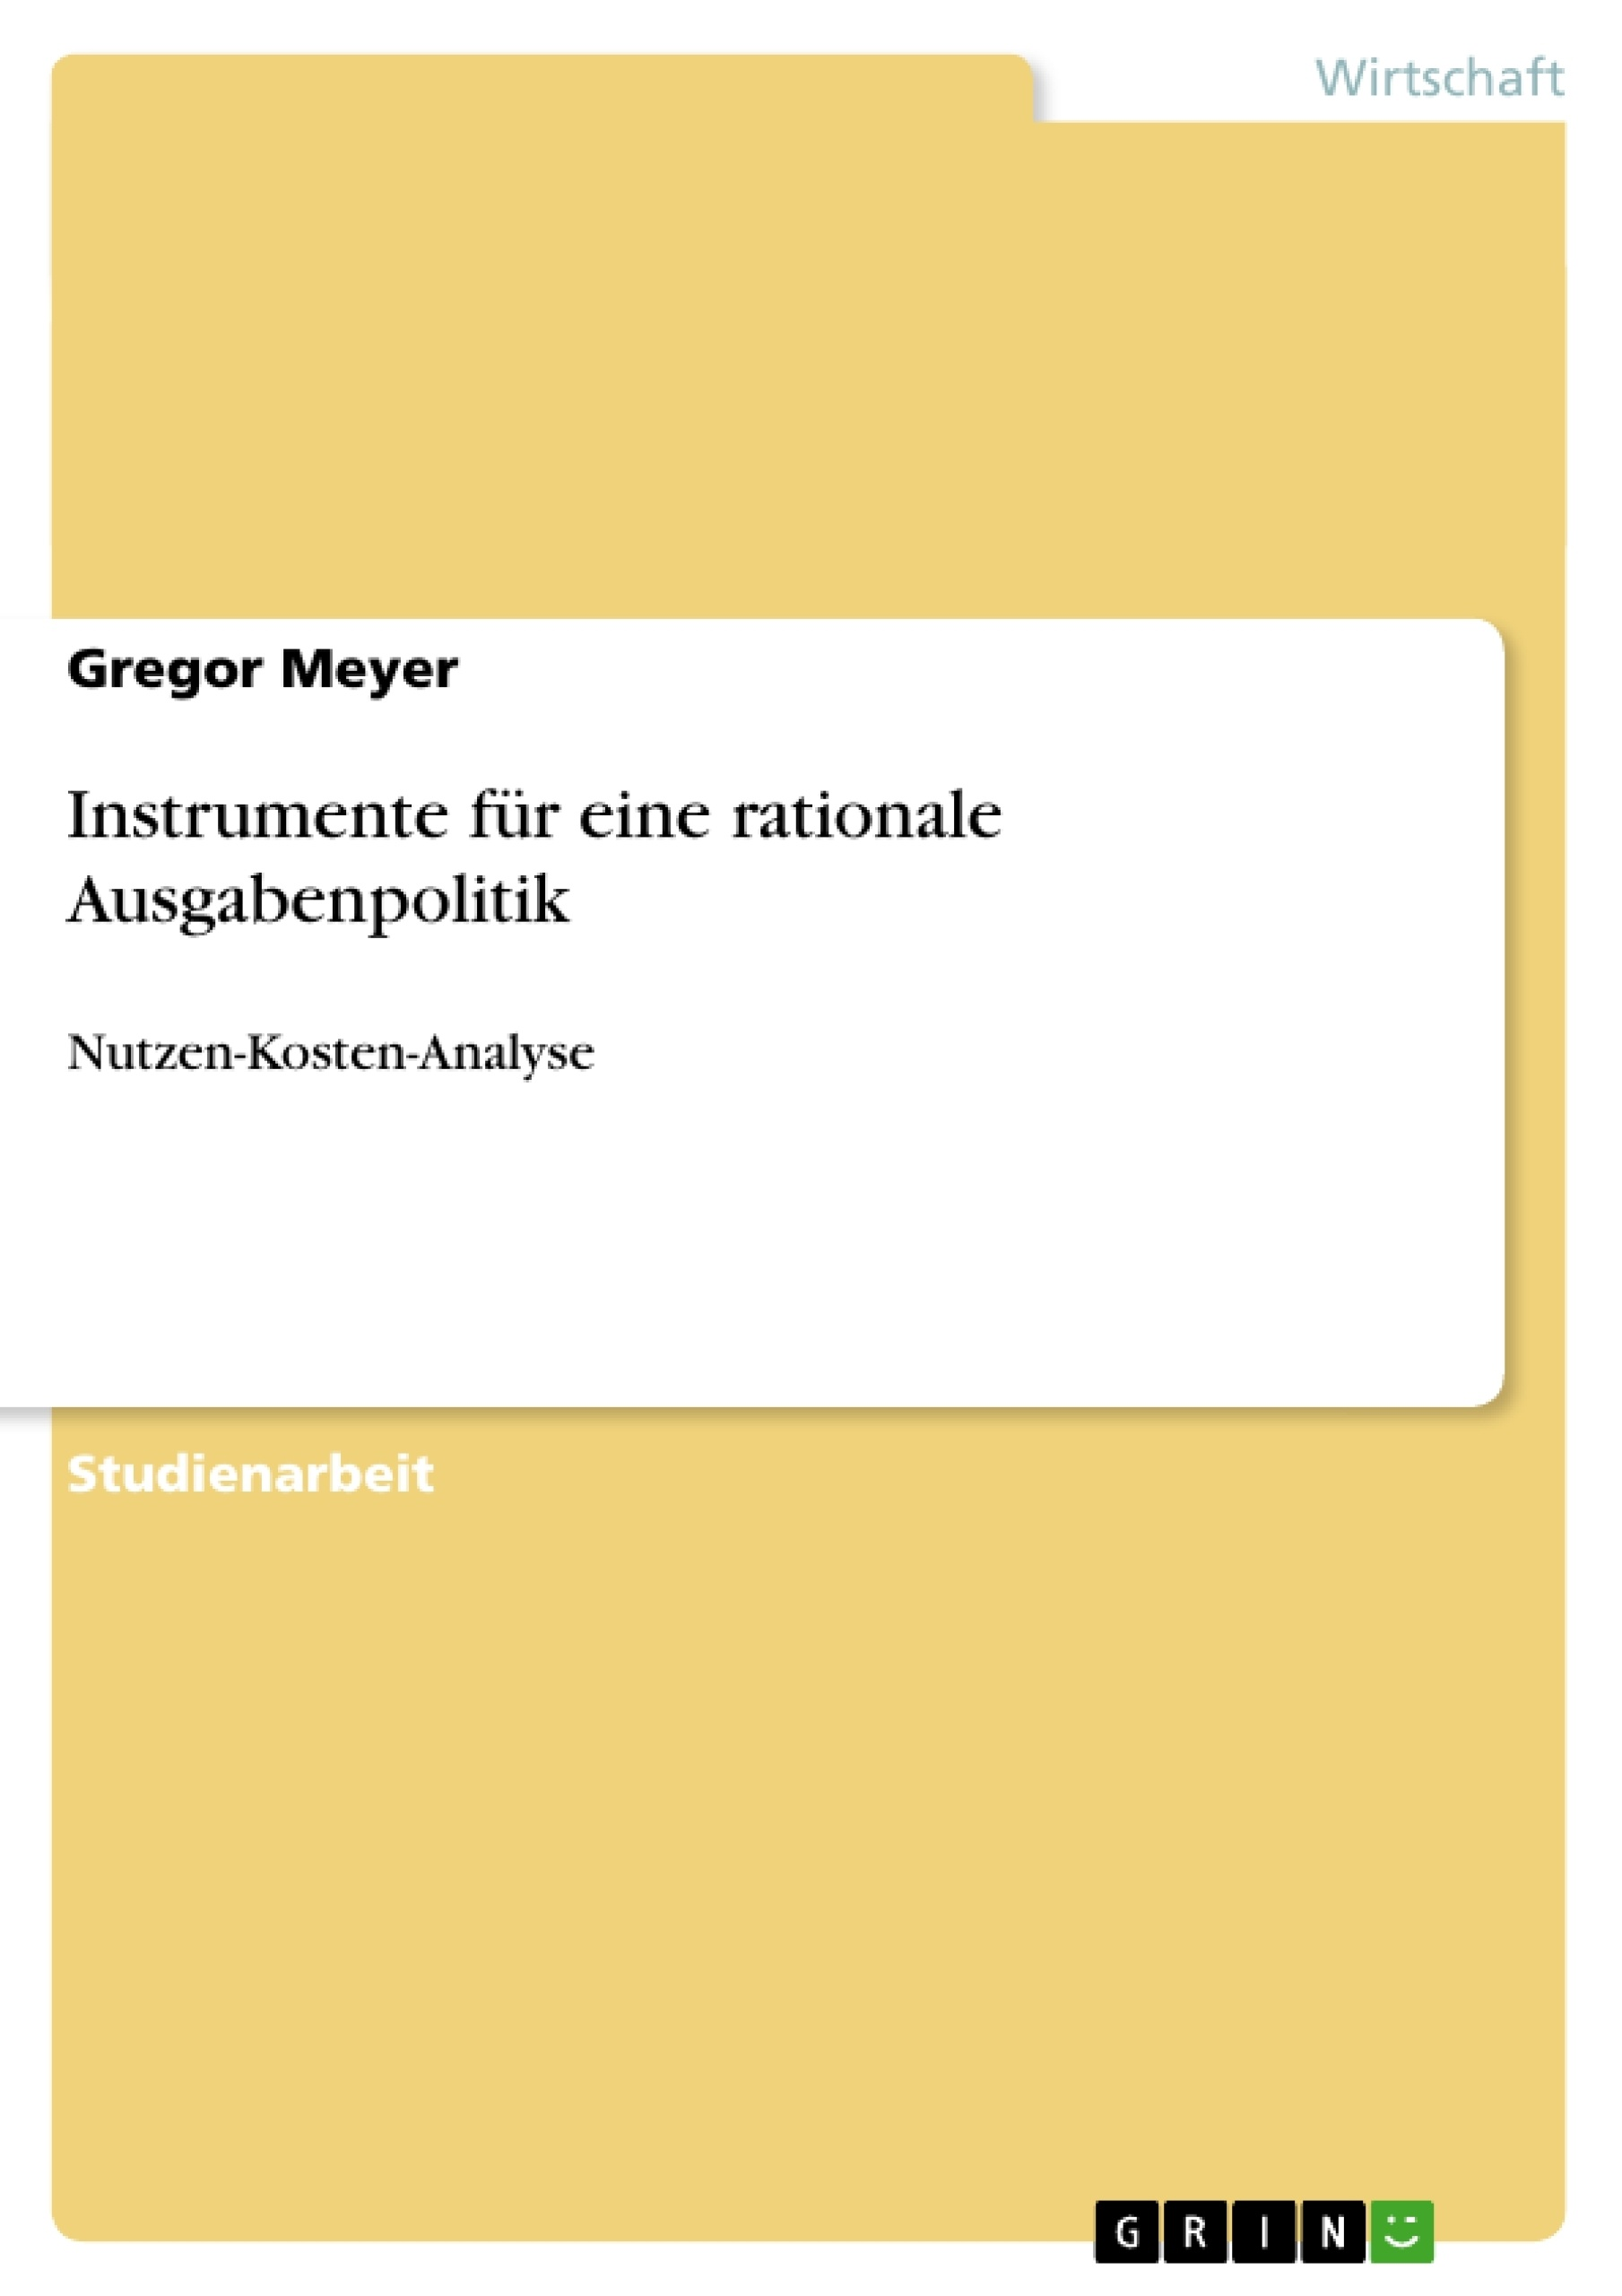 Titel: Instrumente für eine rationale Ausgabenpolitik